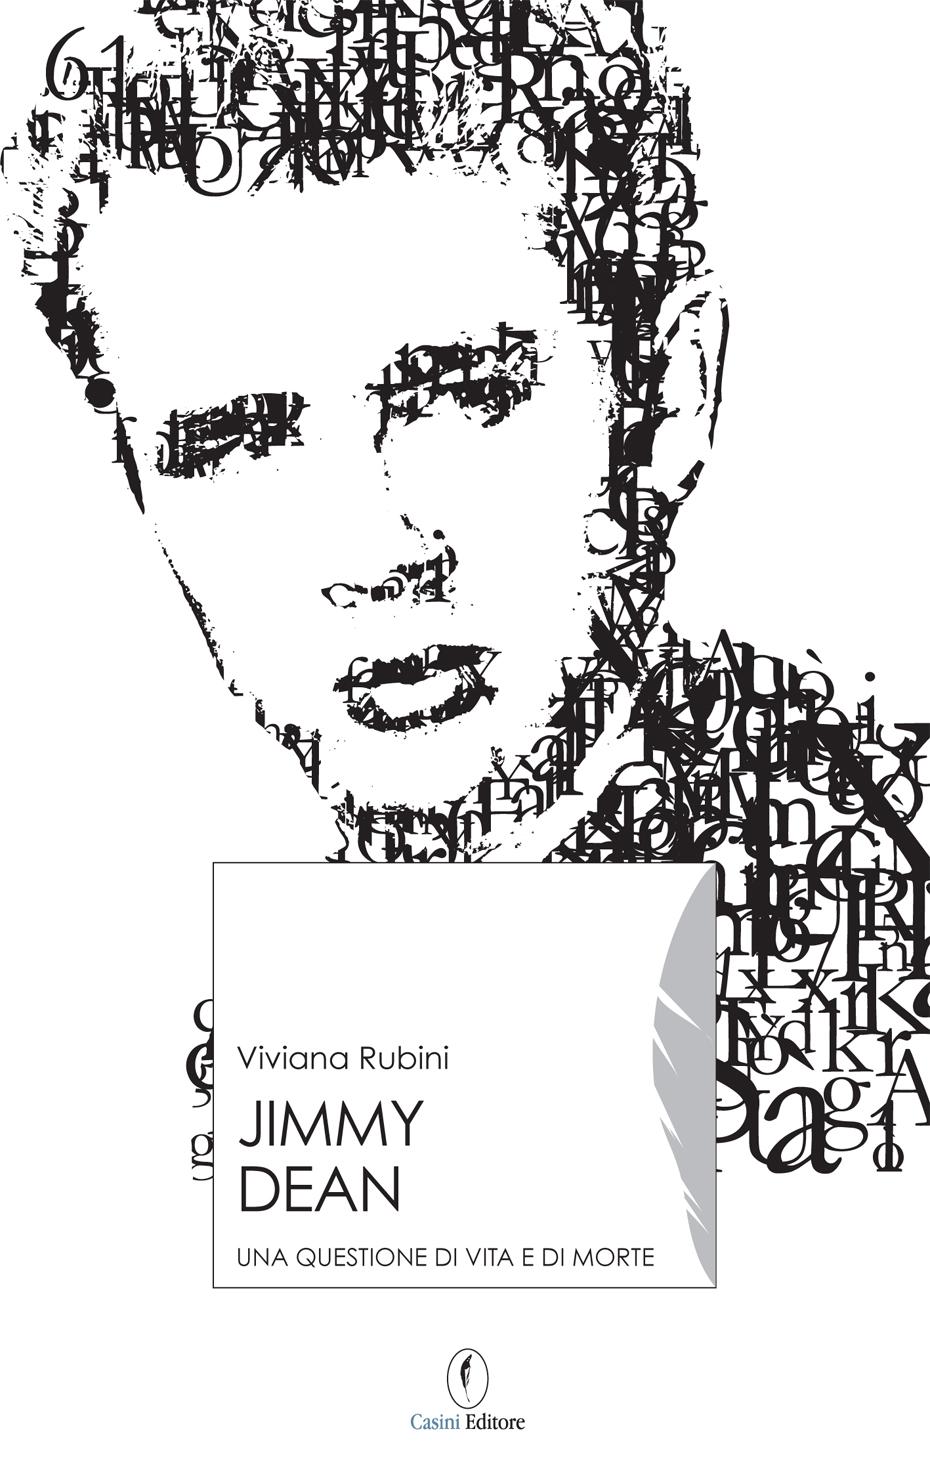 jmmy dean